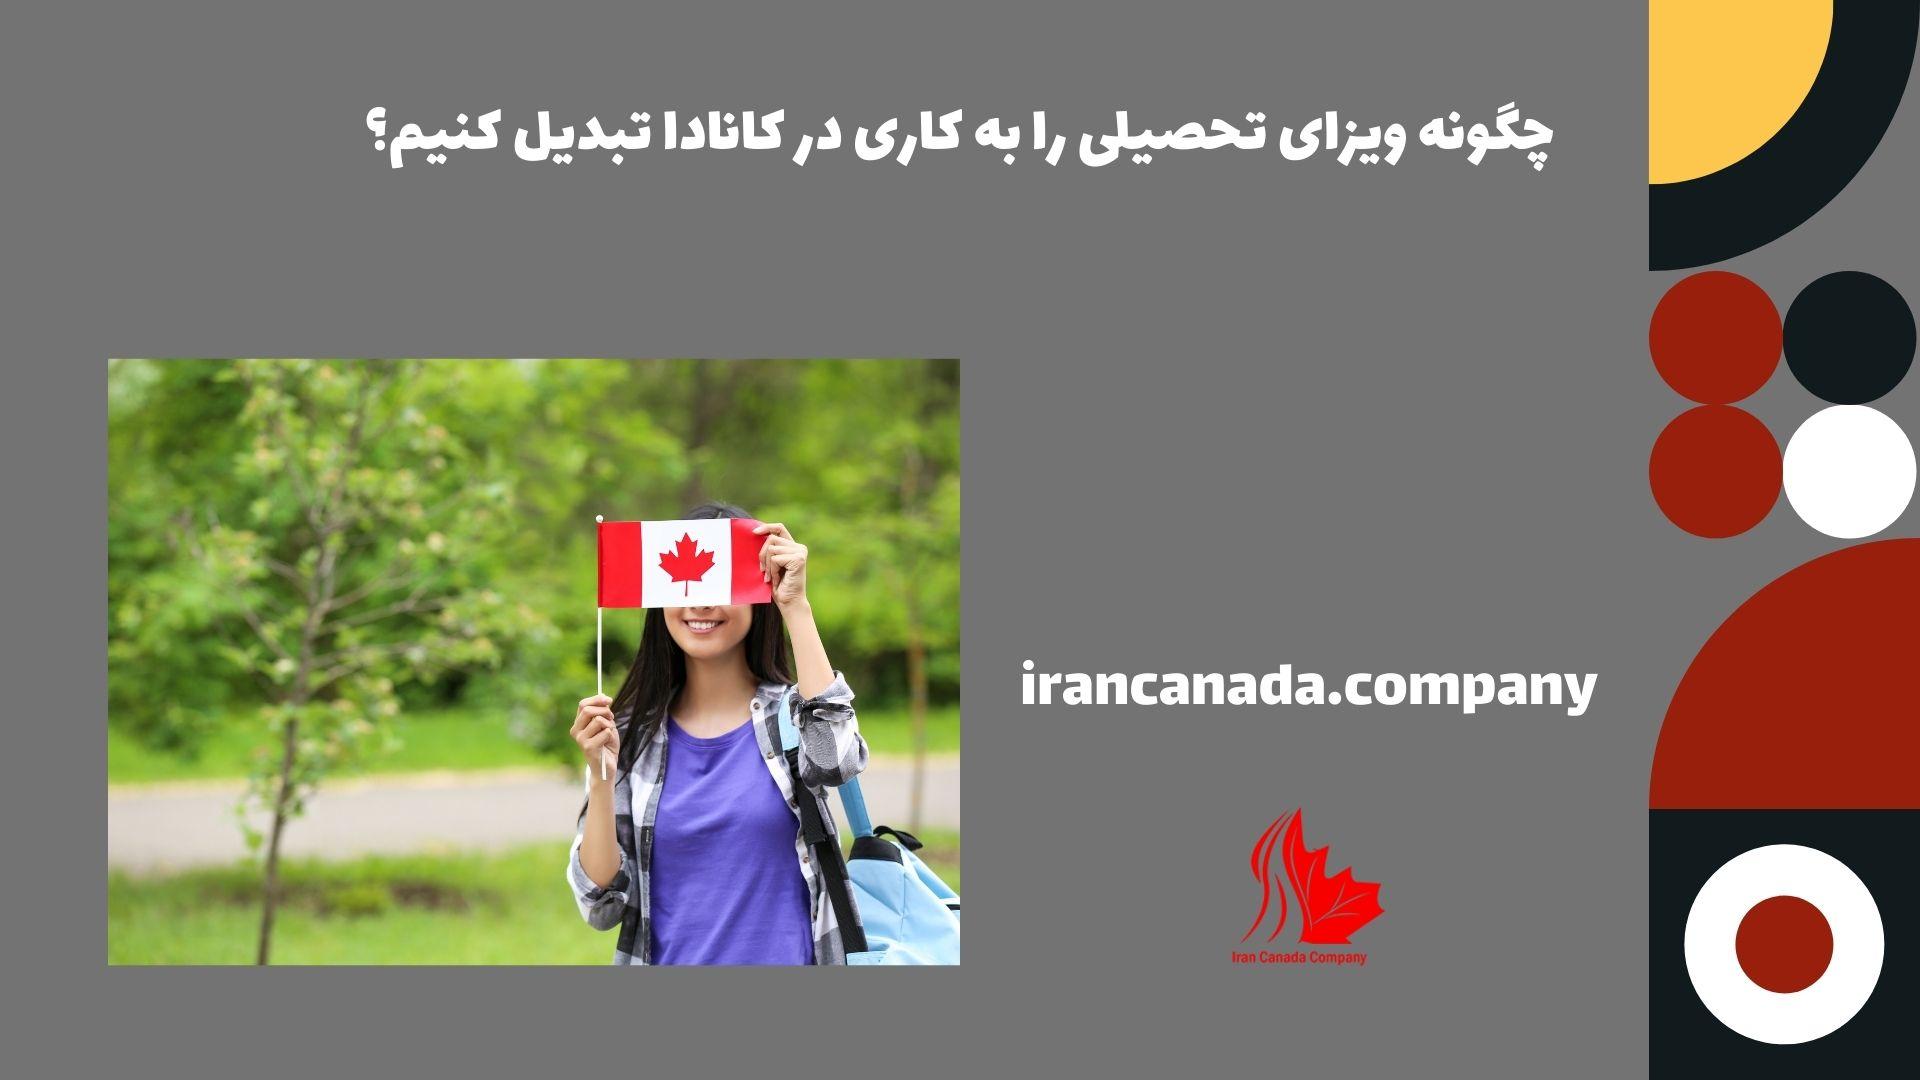 چگونه ویزای تحصیلی را به کاری در کانادا تبدیل کنیم؟